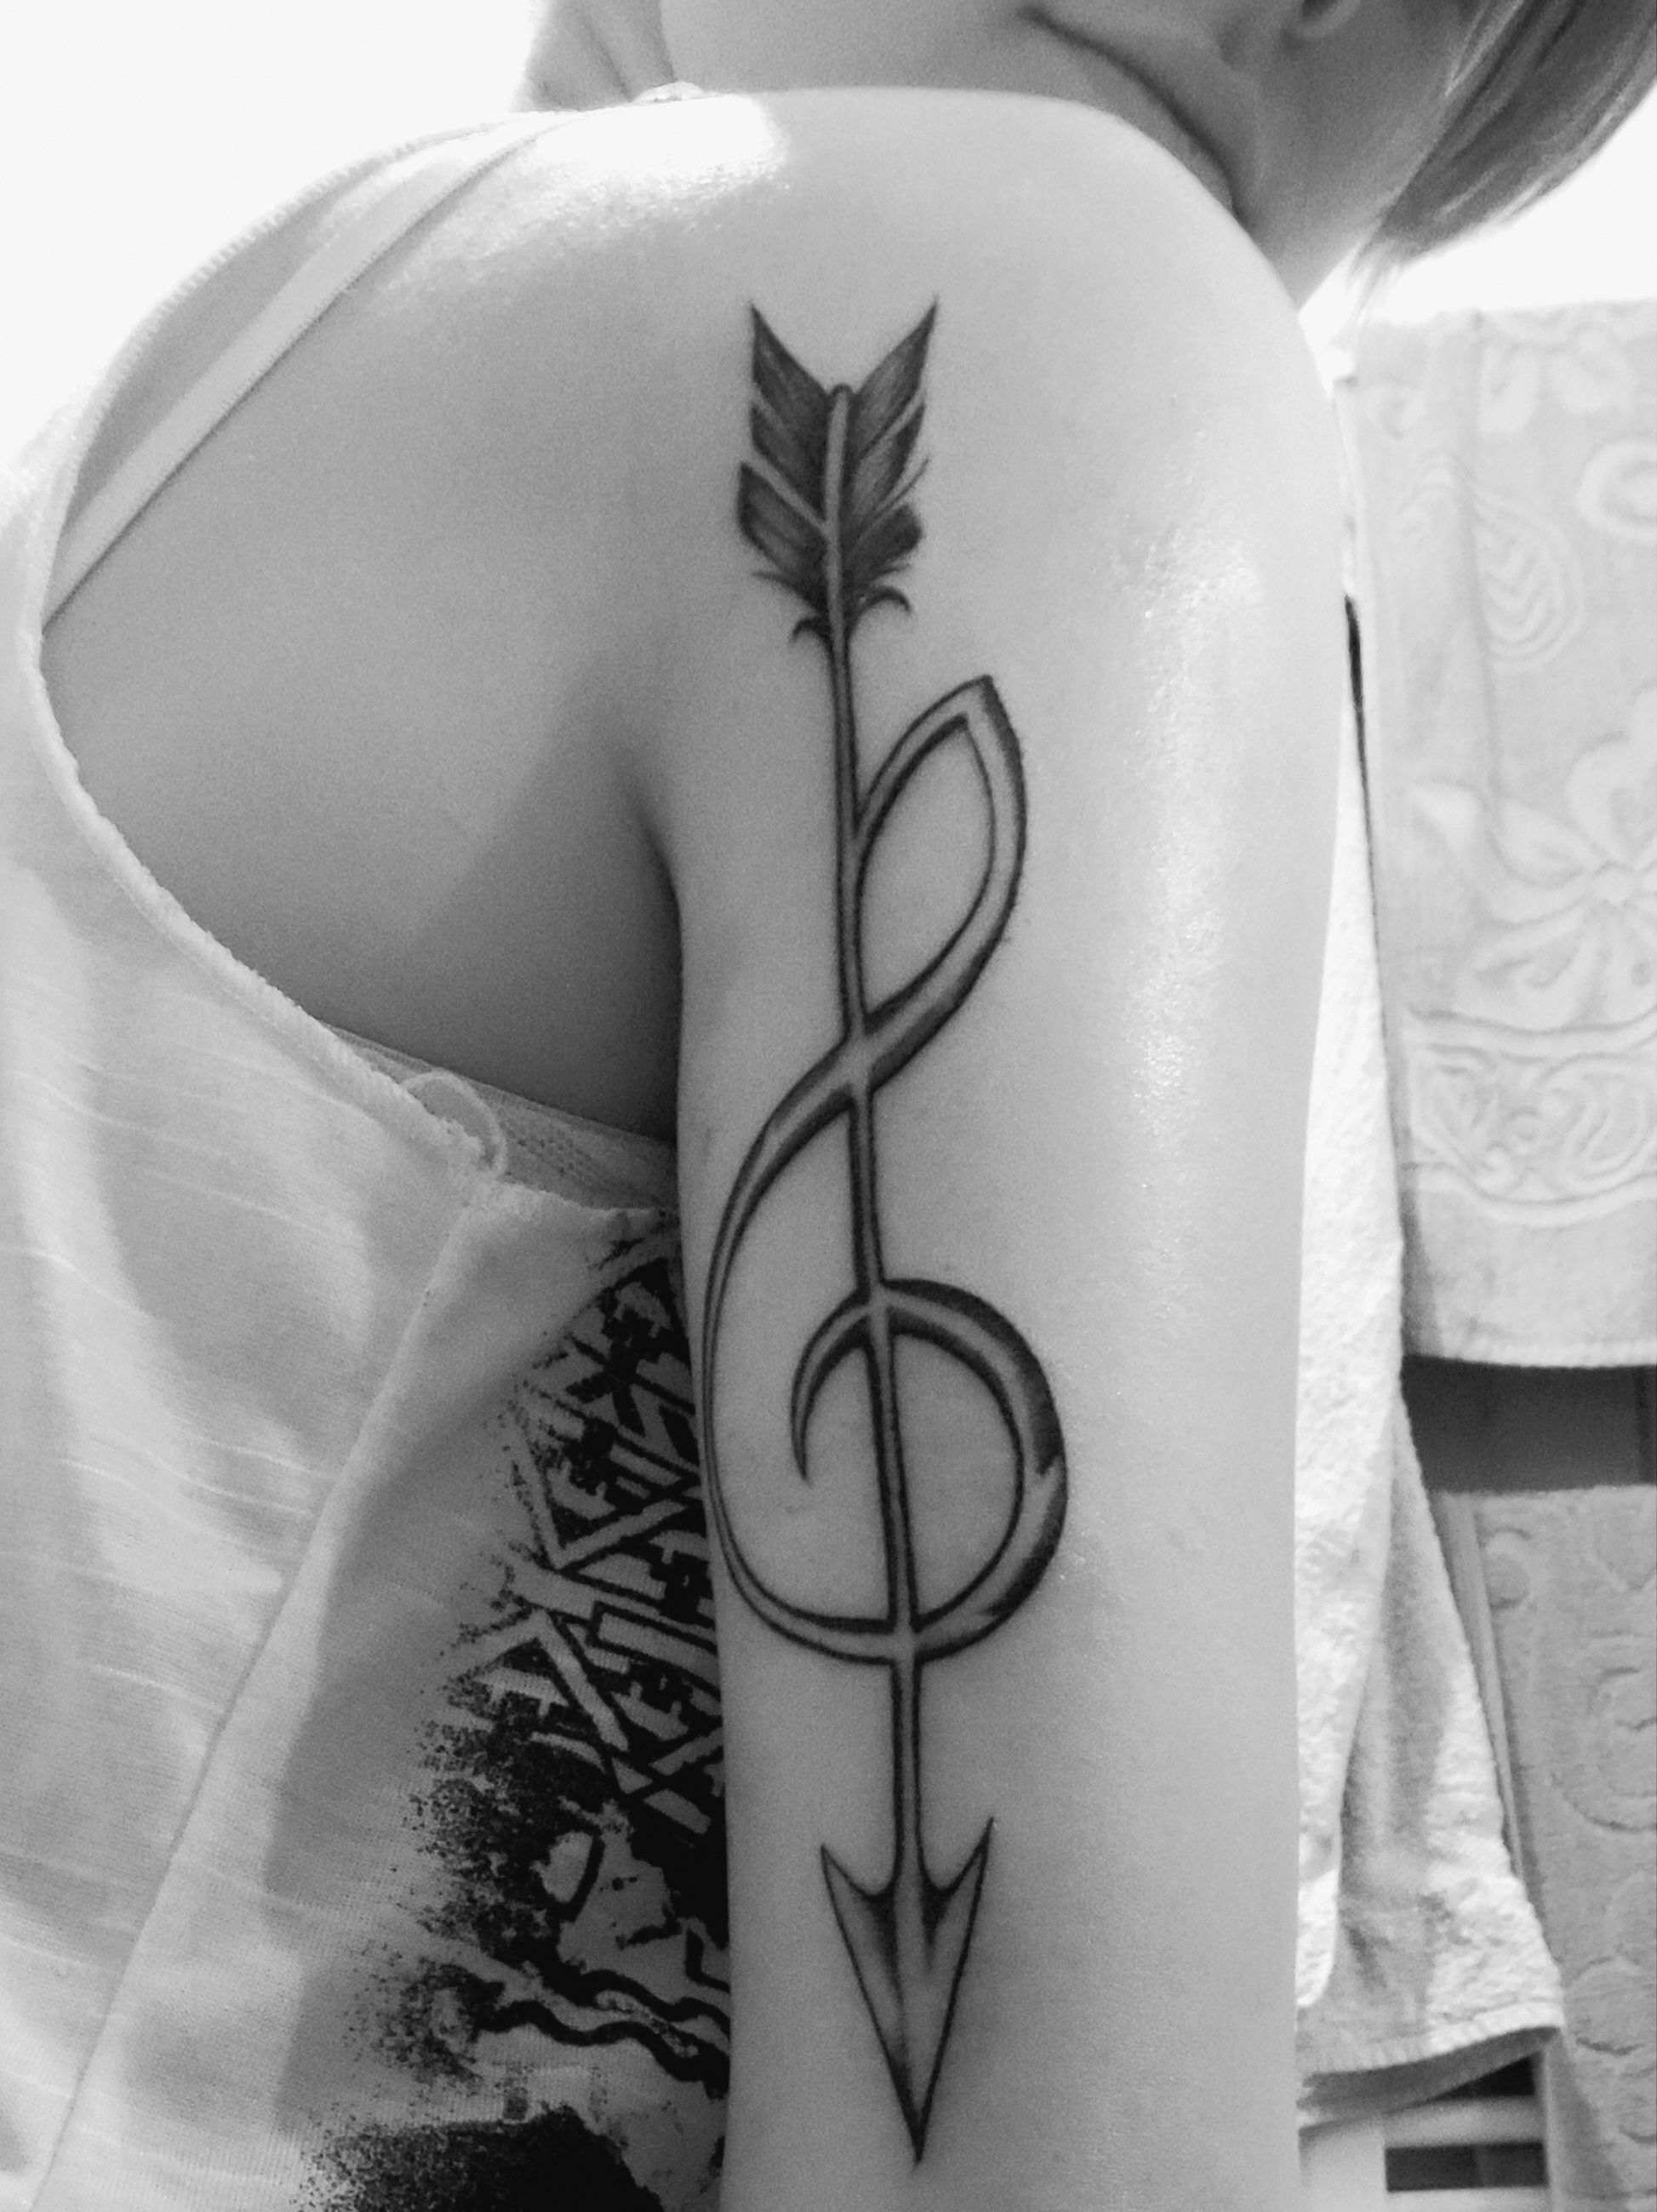 Arrow treble clef                                                                                                                                                                                 More